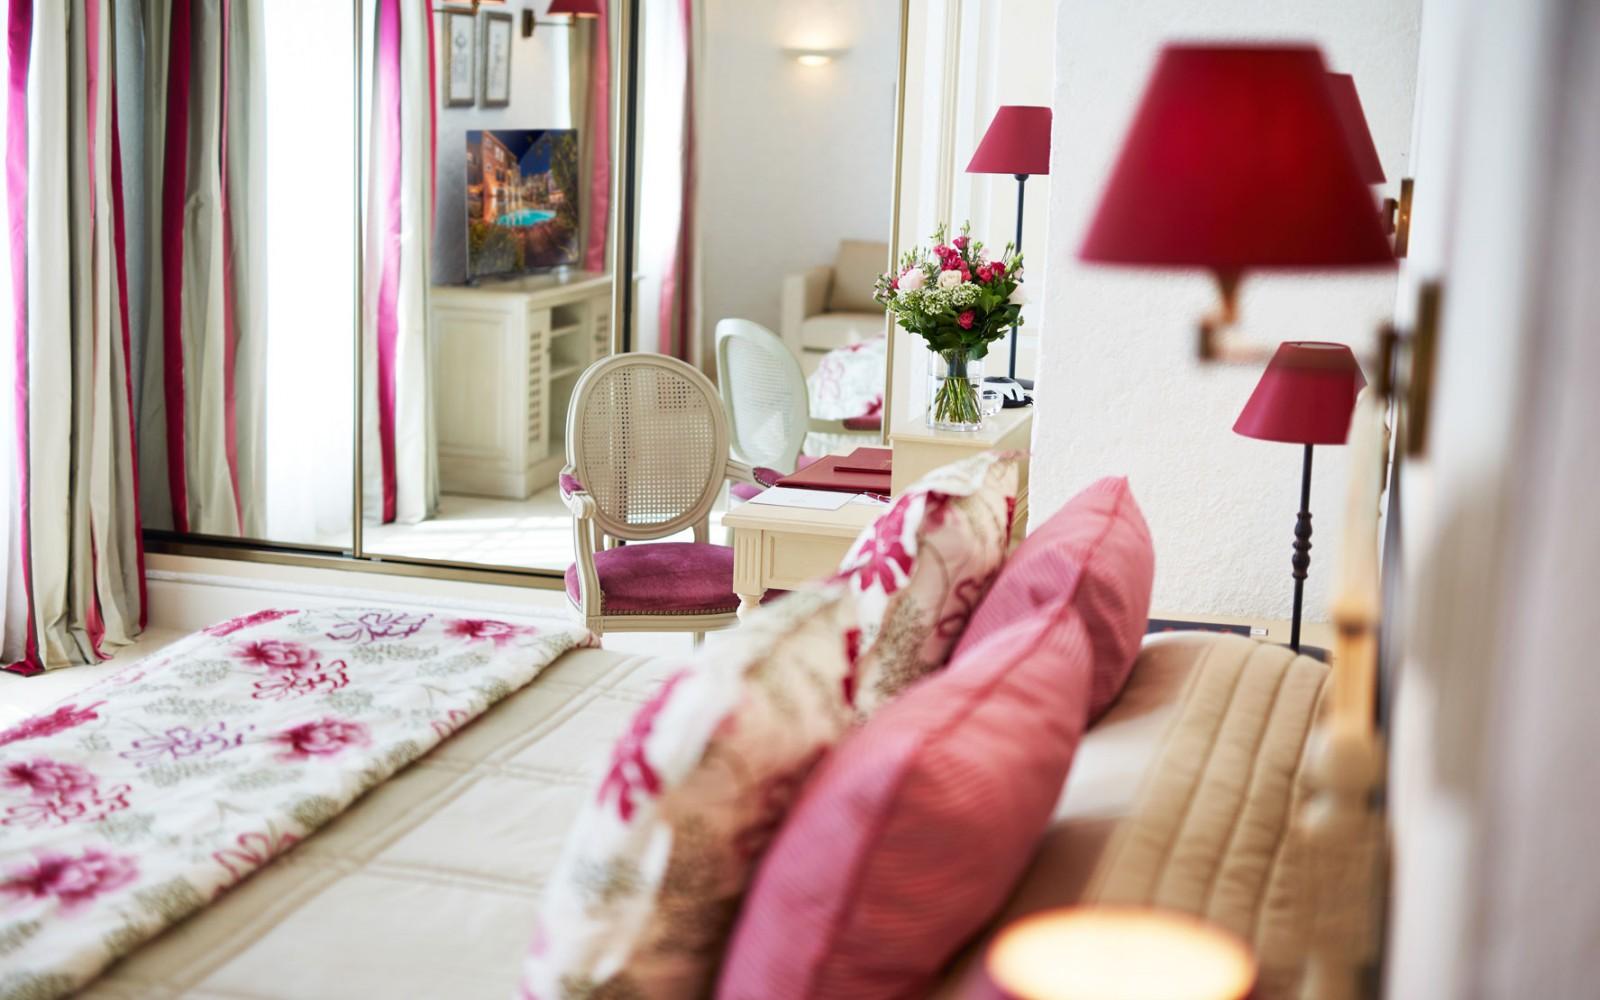 Hotel_Byblos_Saint-Tropez_Classic_Double_Room_136